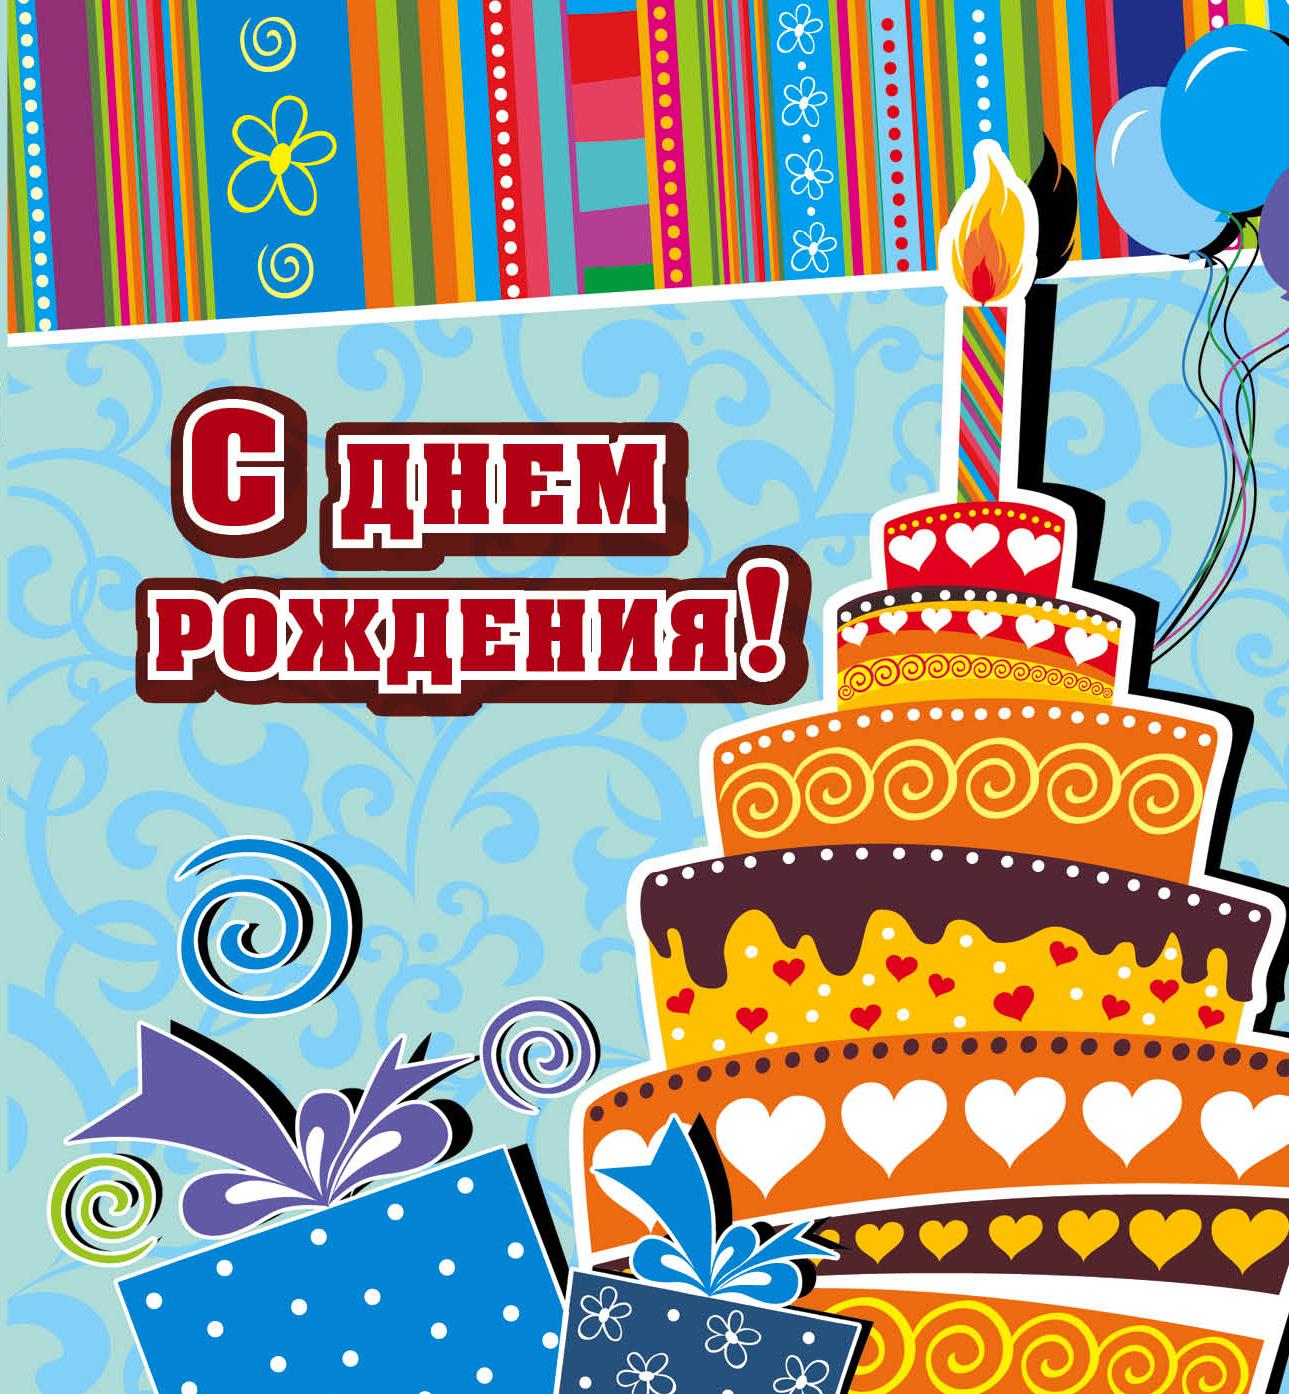 Сайт картинки с днем рождения, открытка христос